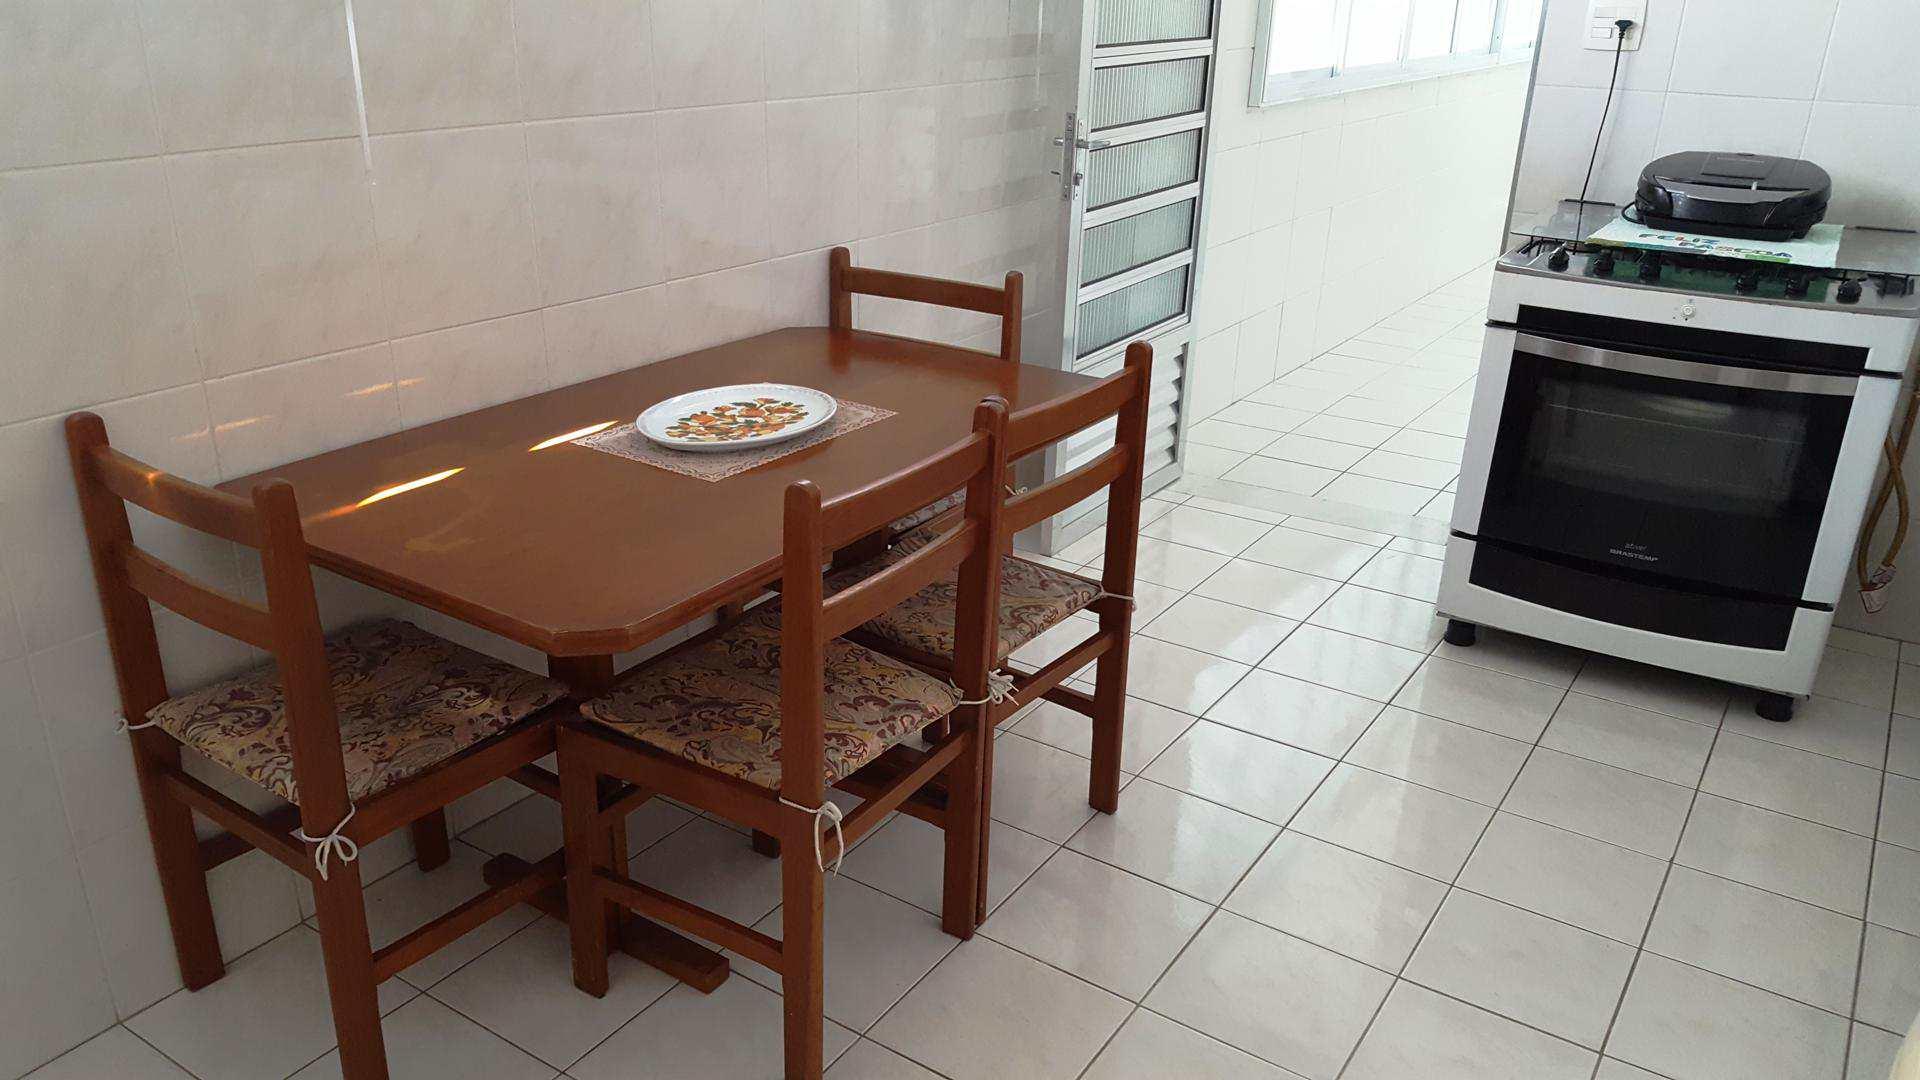 D - cozinha (3)